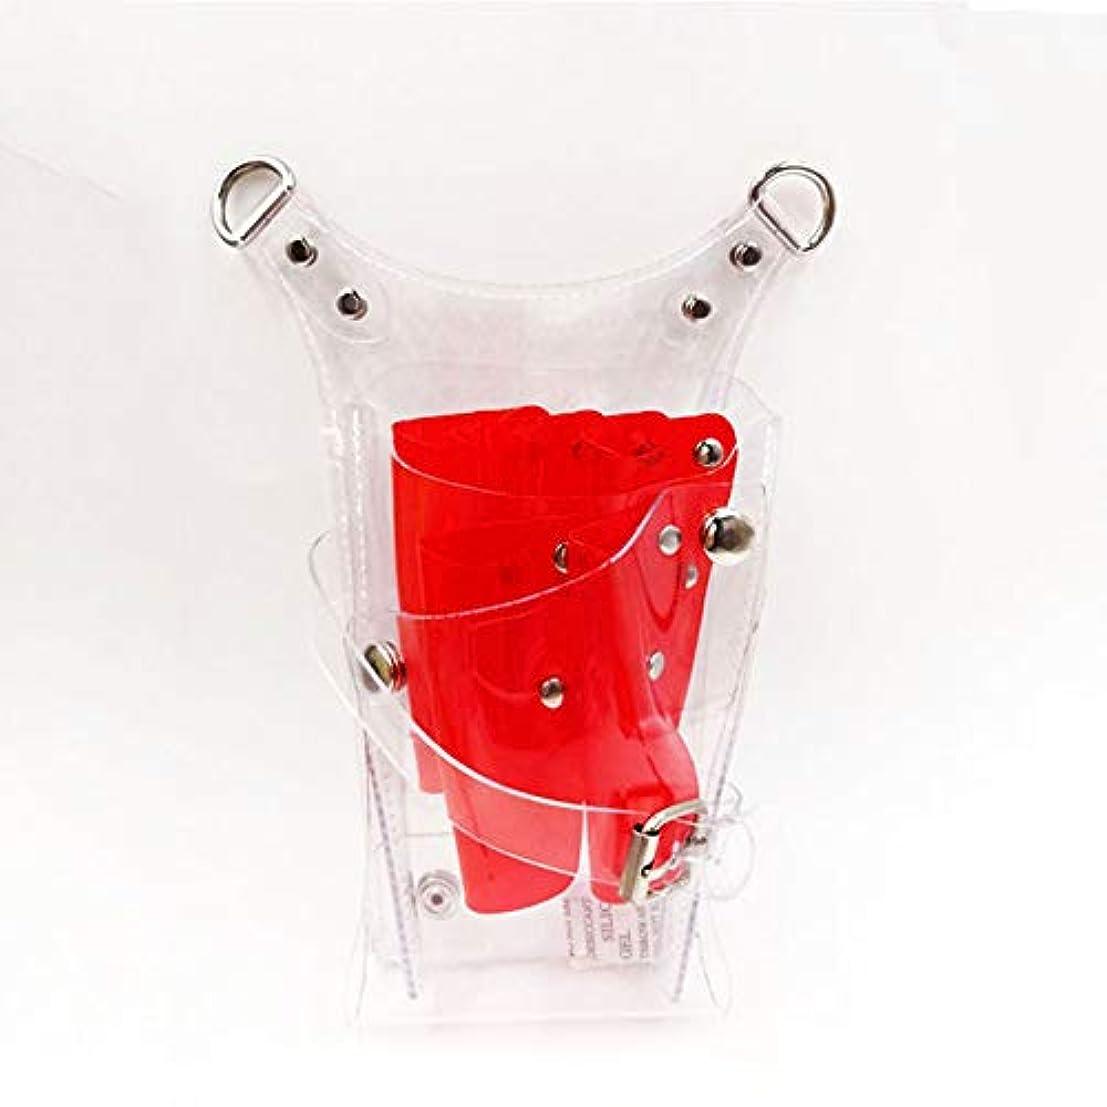 ムスタチオ引き算寄生虫CAMOAR シザーケース 透明 クシ ハサミ収納 クリアケース 美容師 トリマー プロ仕様 個性的 レッド